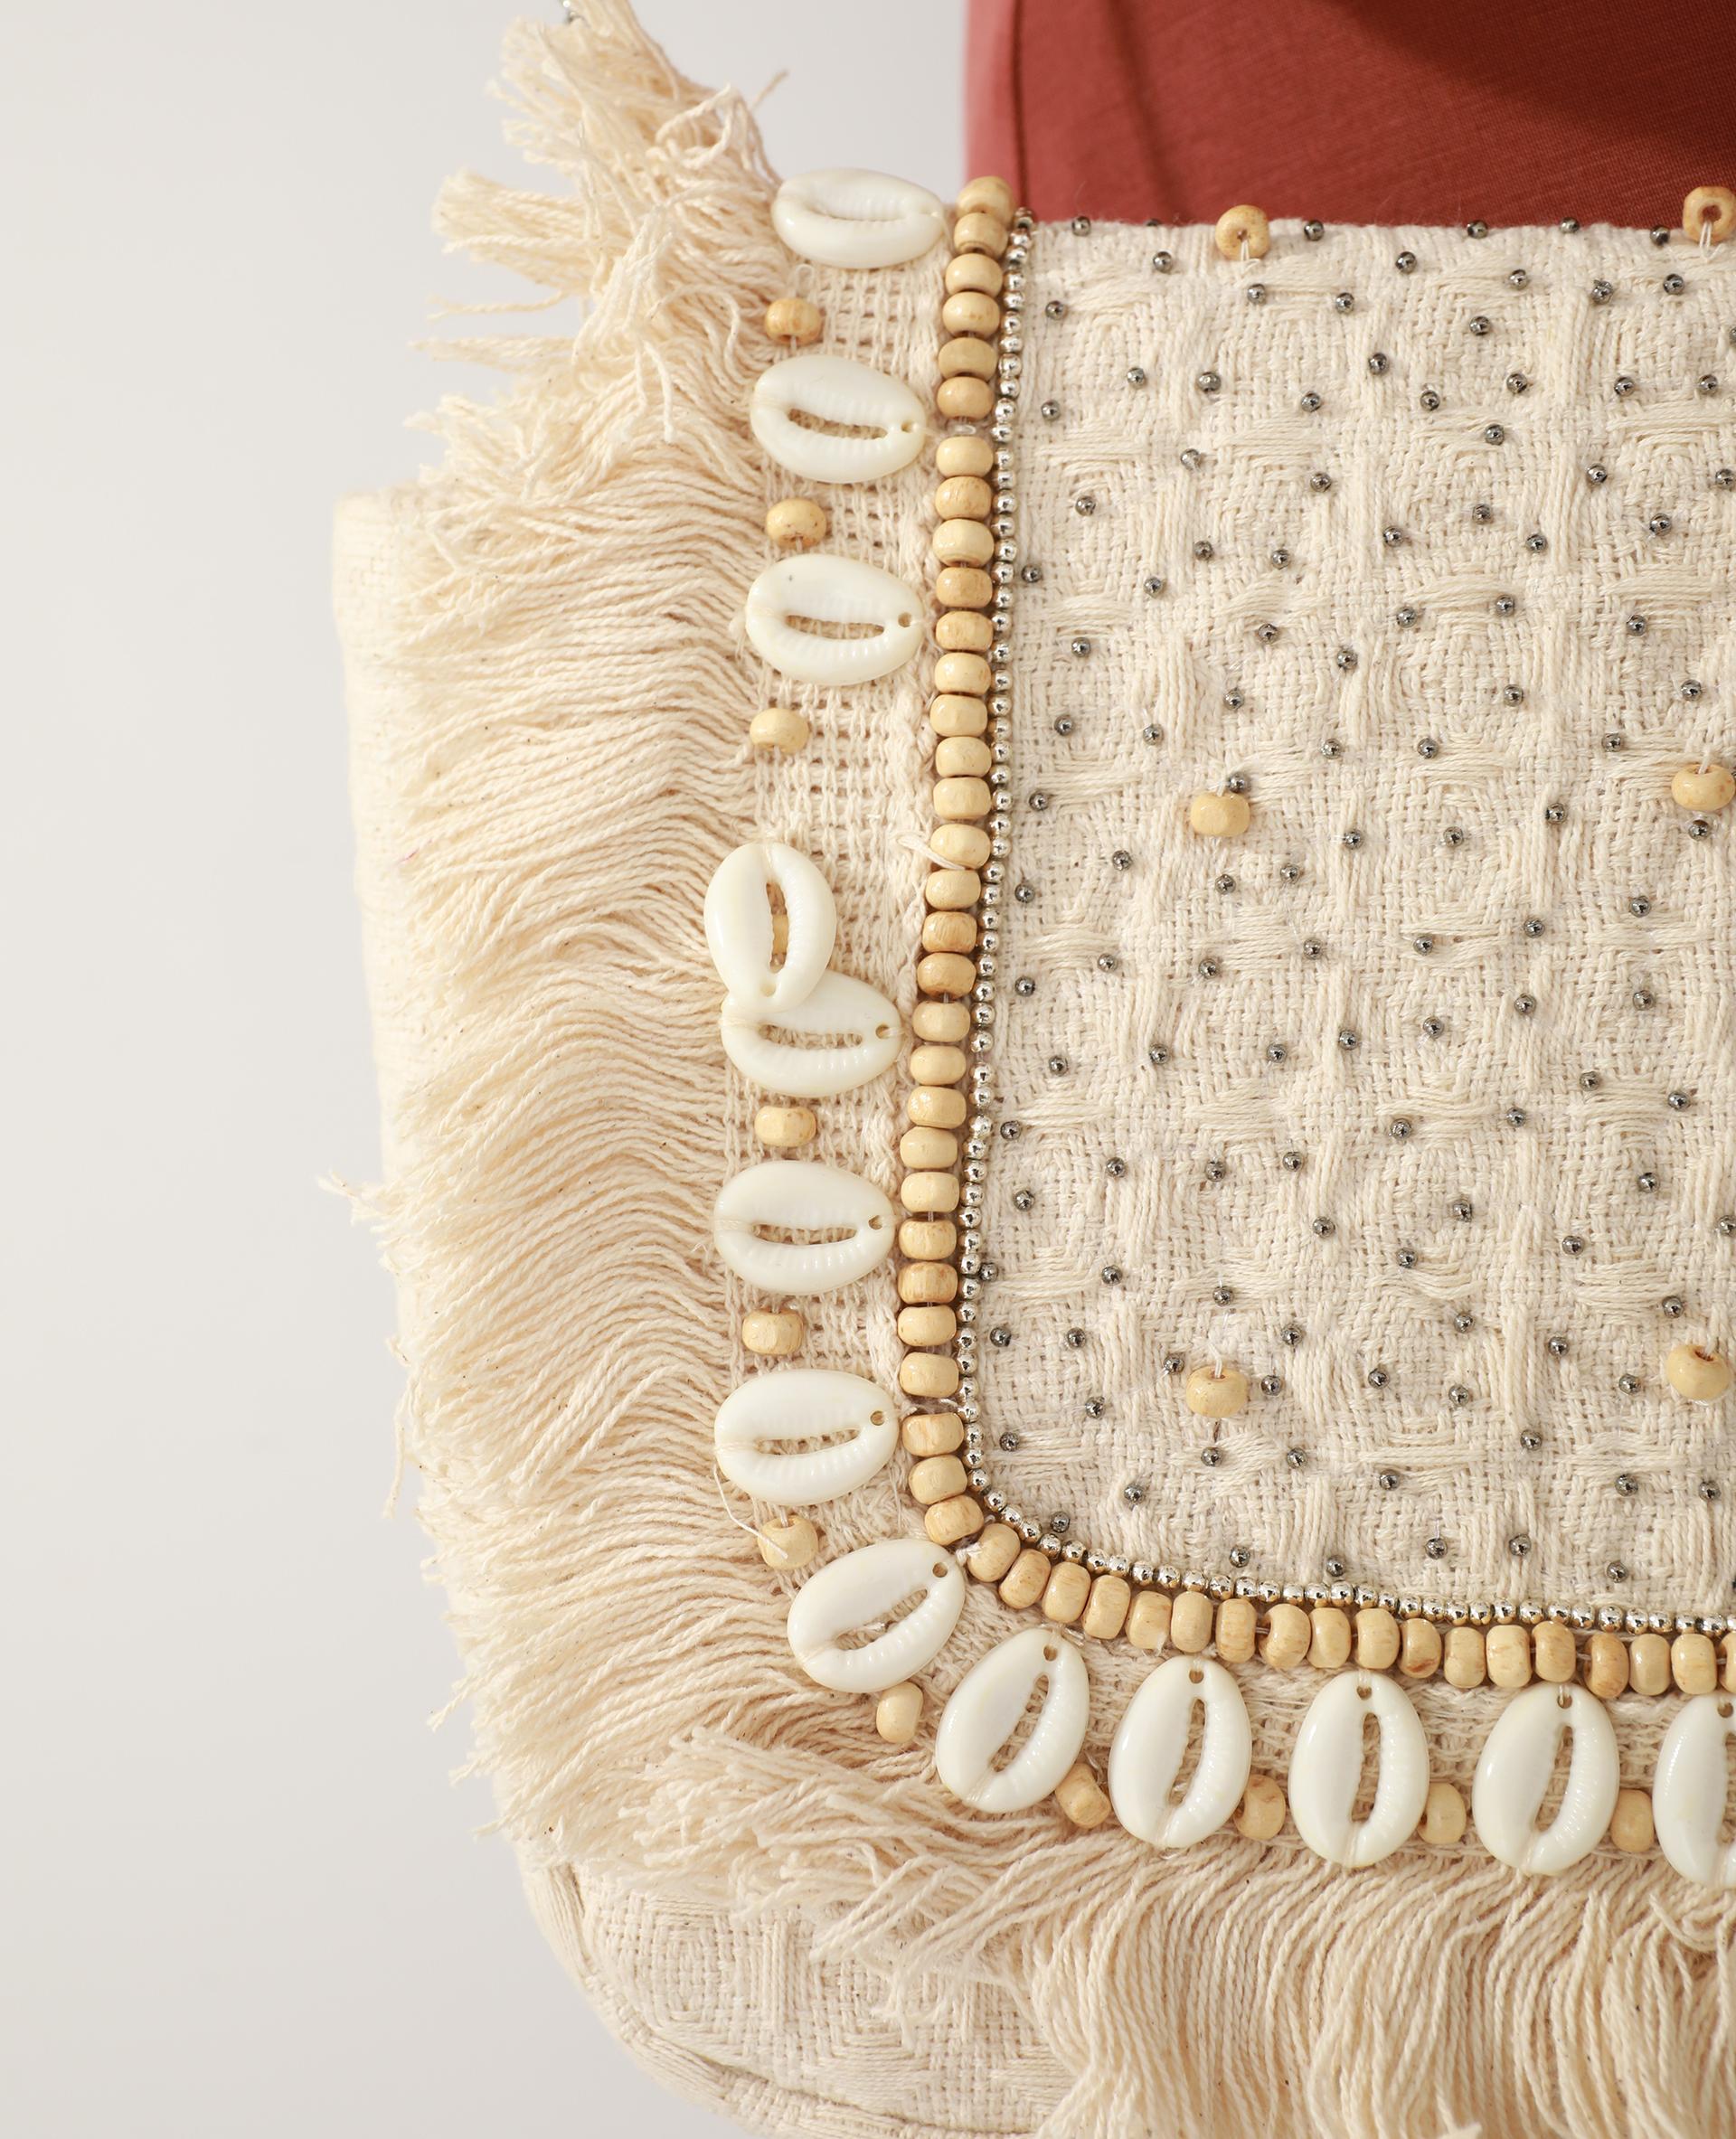 Sac bandoulière coquillages et perles beige ficelle - Pimkie